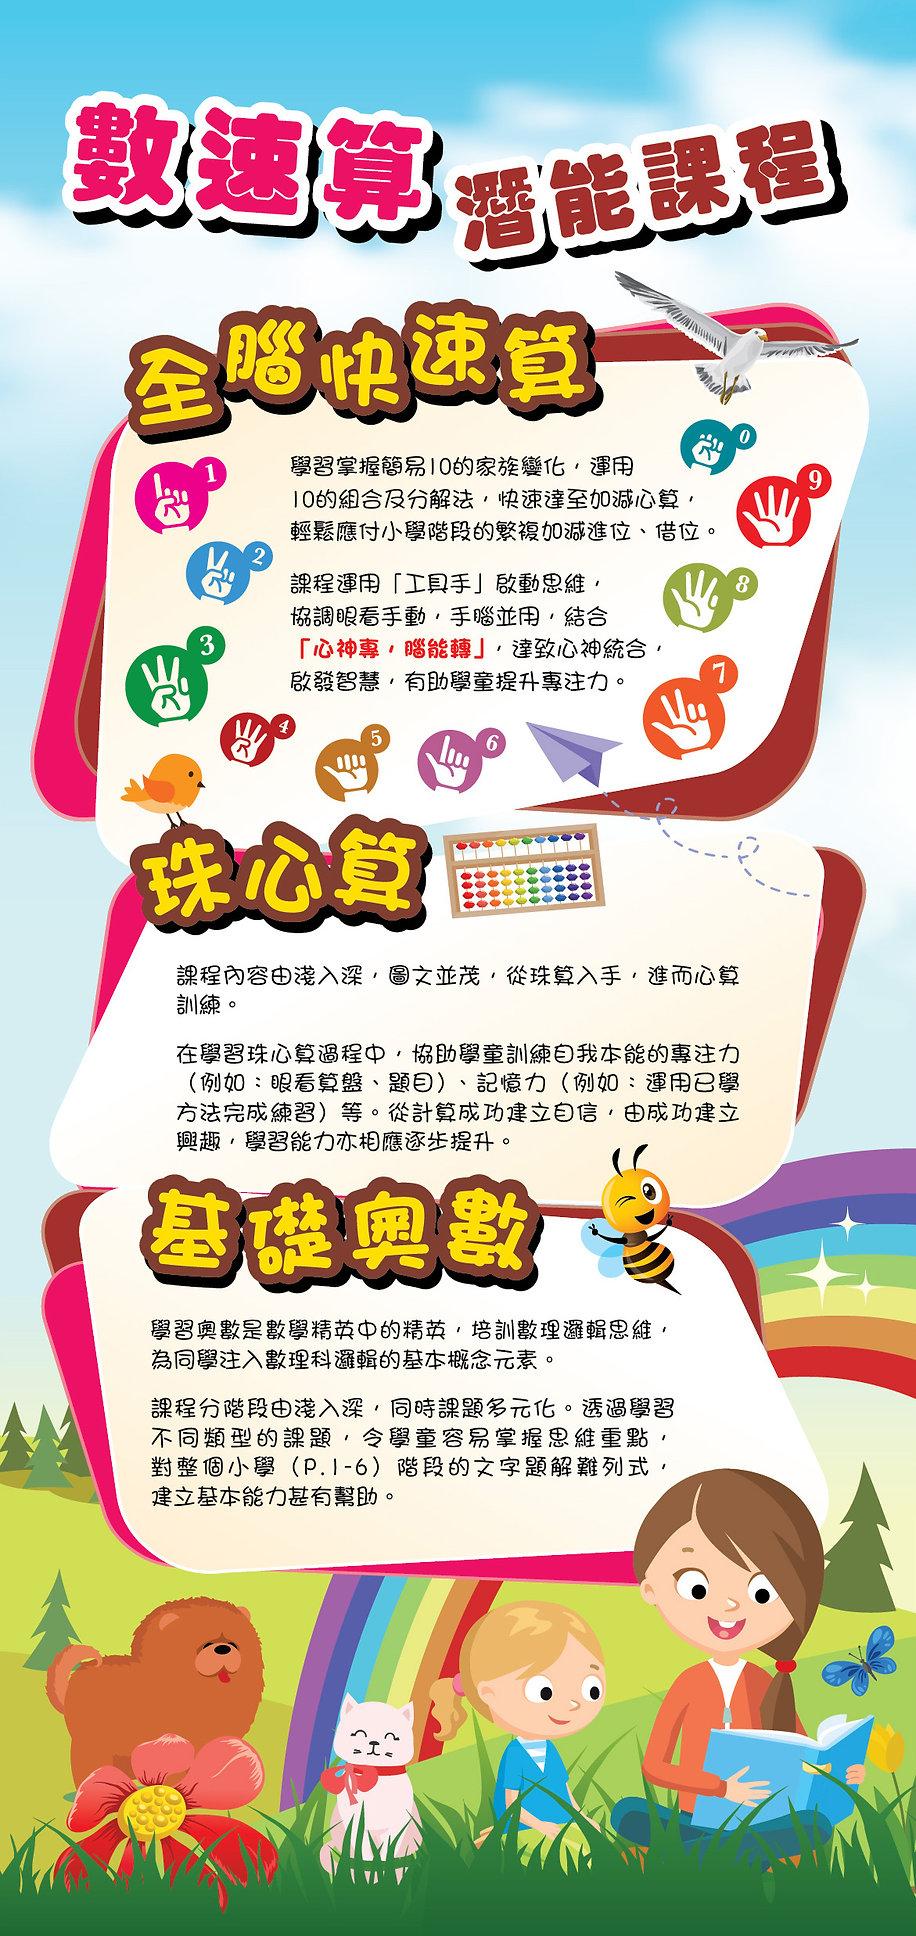 智趣星 leaflet-03.jpg